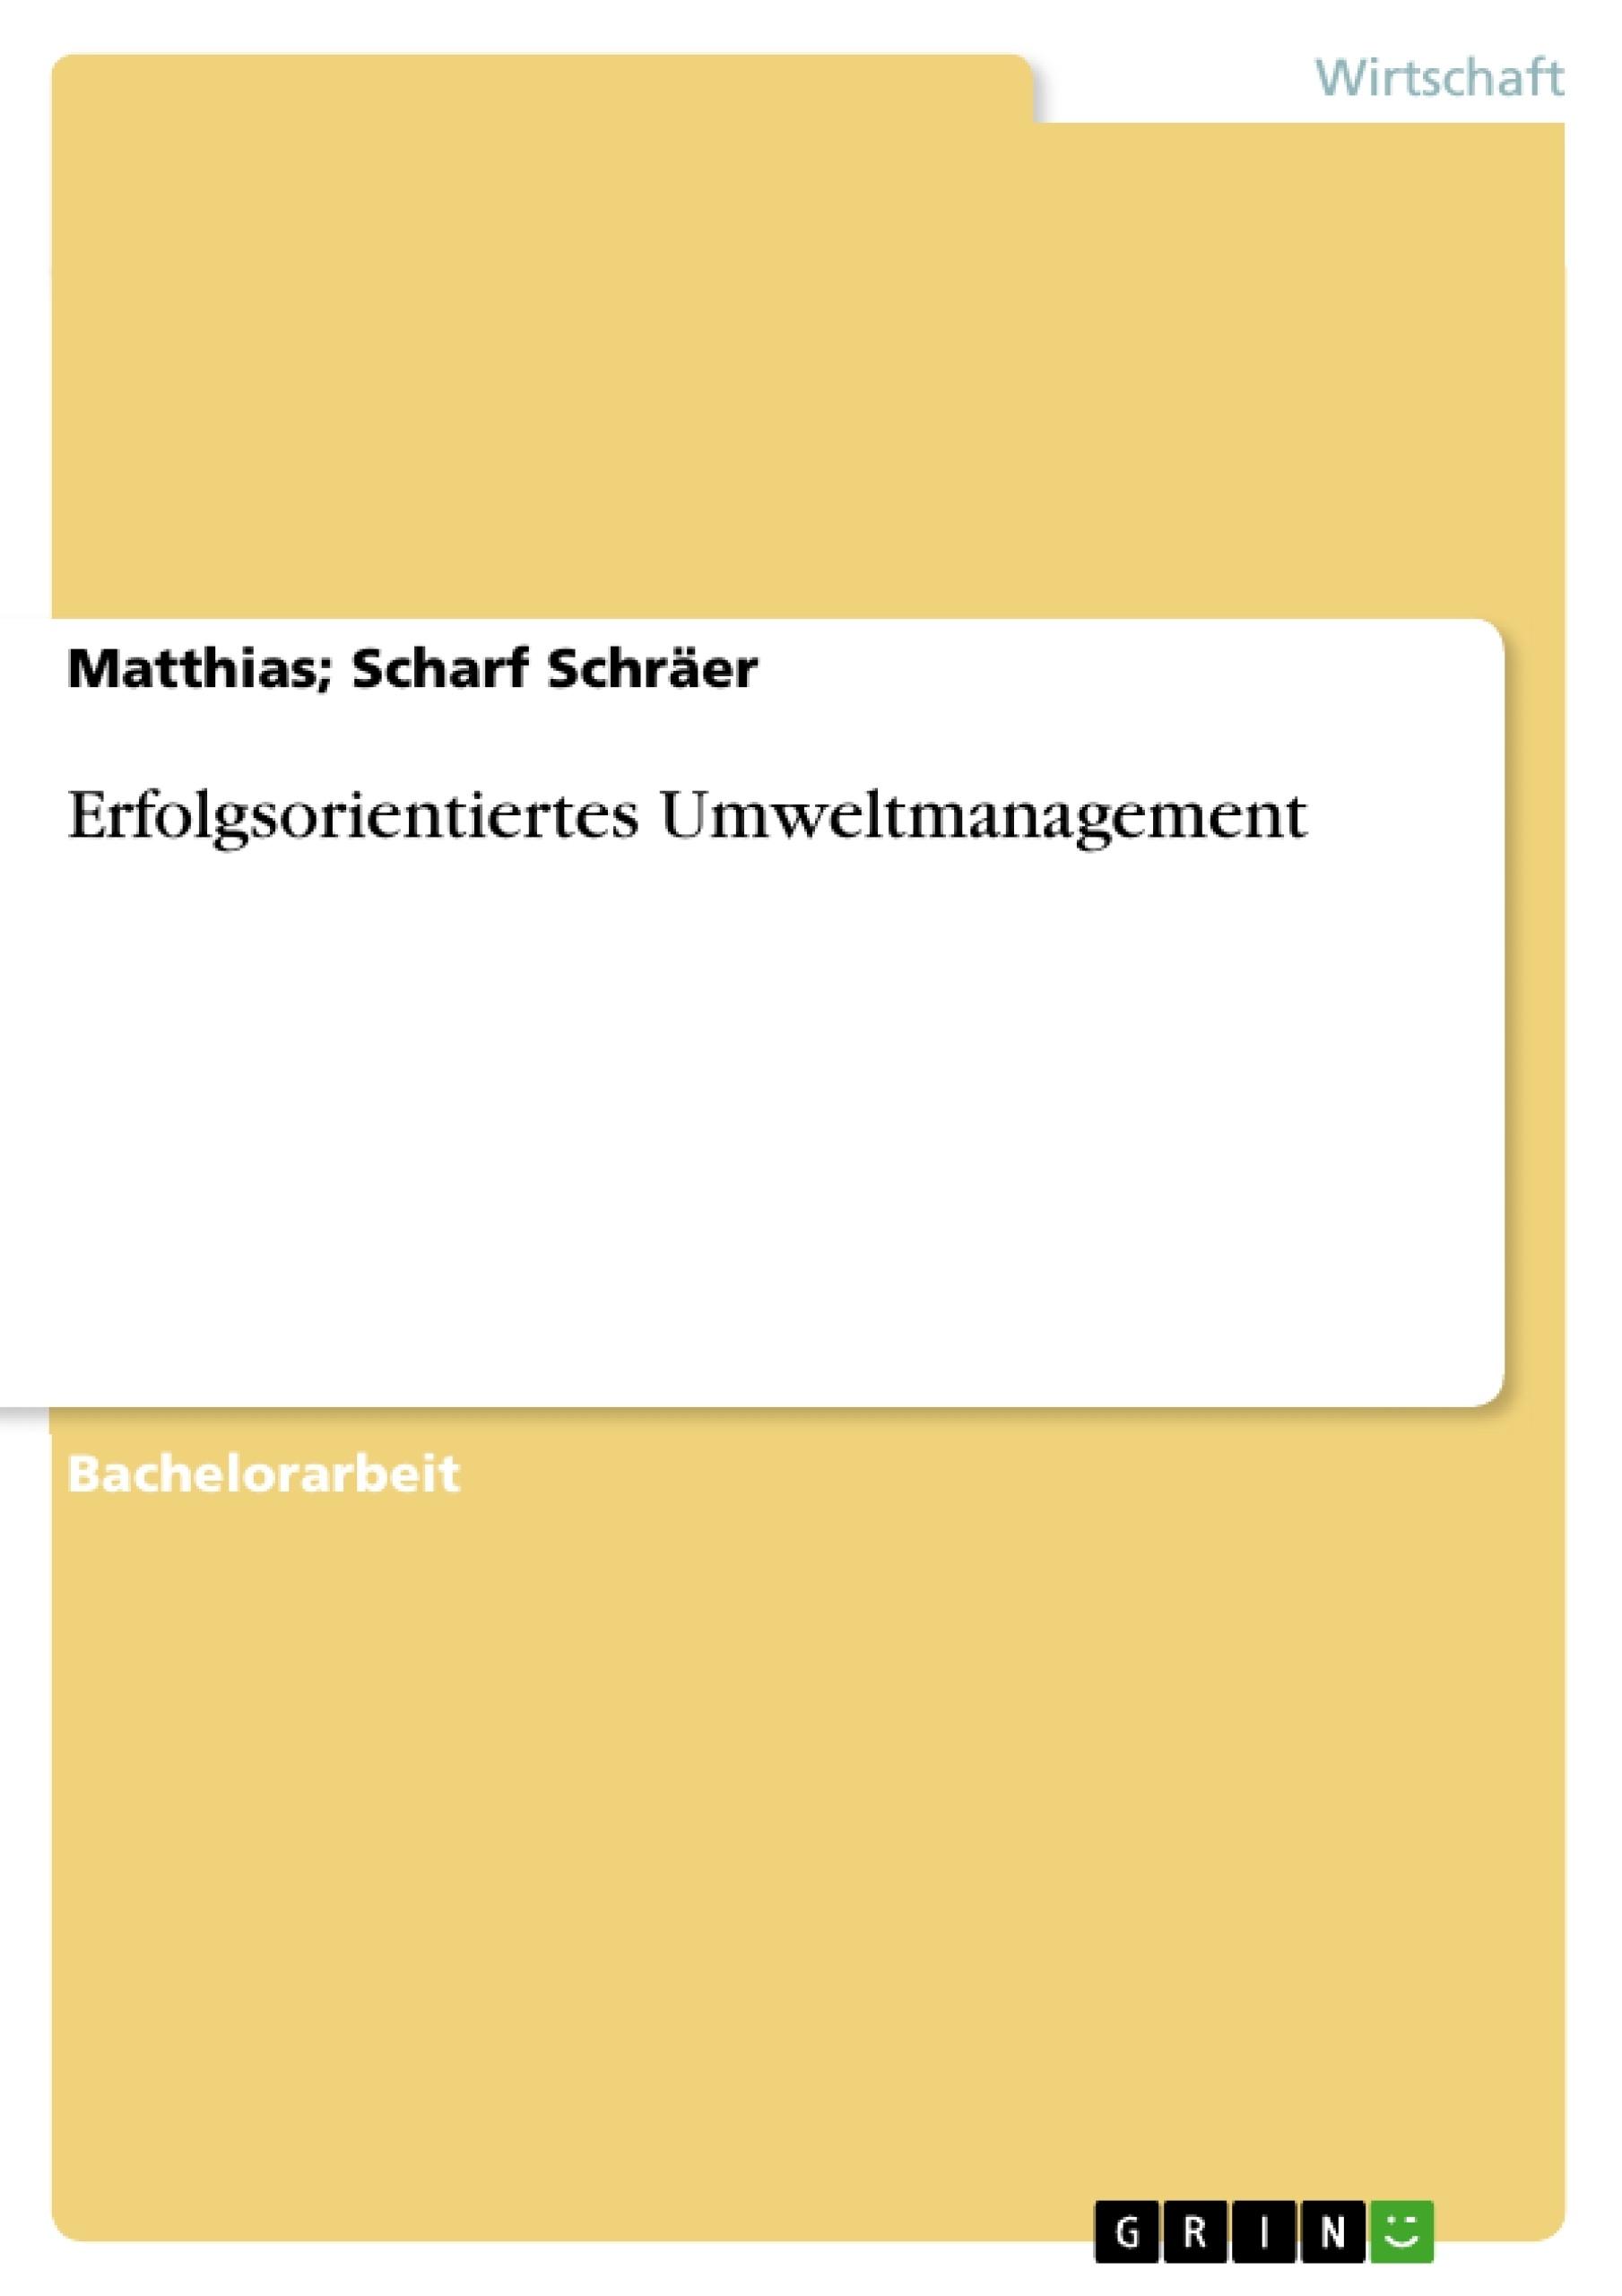 Titel: Erfolgsorientiertes Umweltmanagement